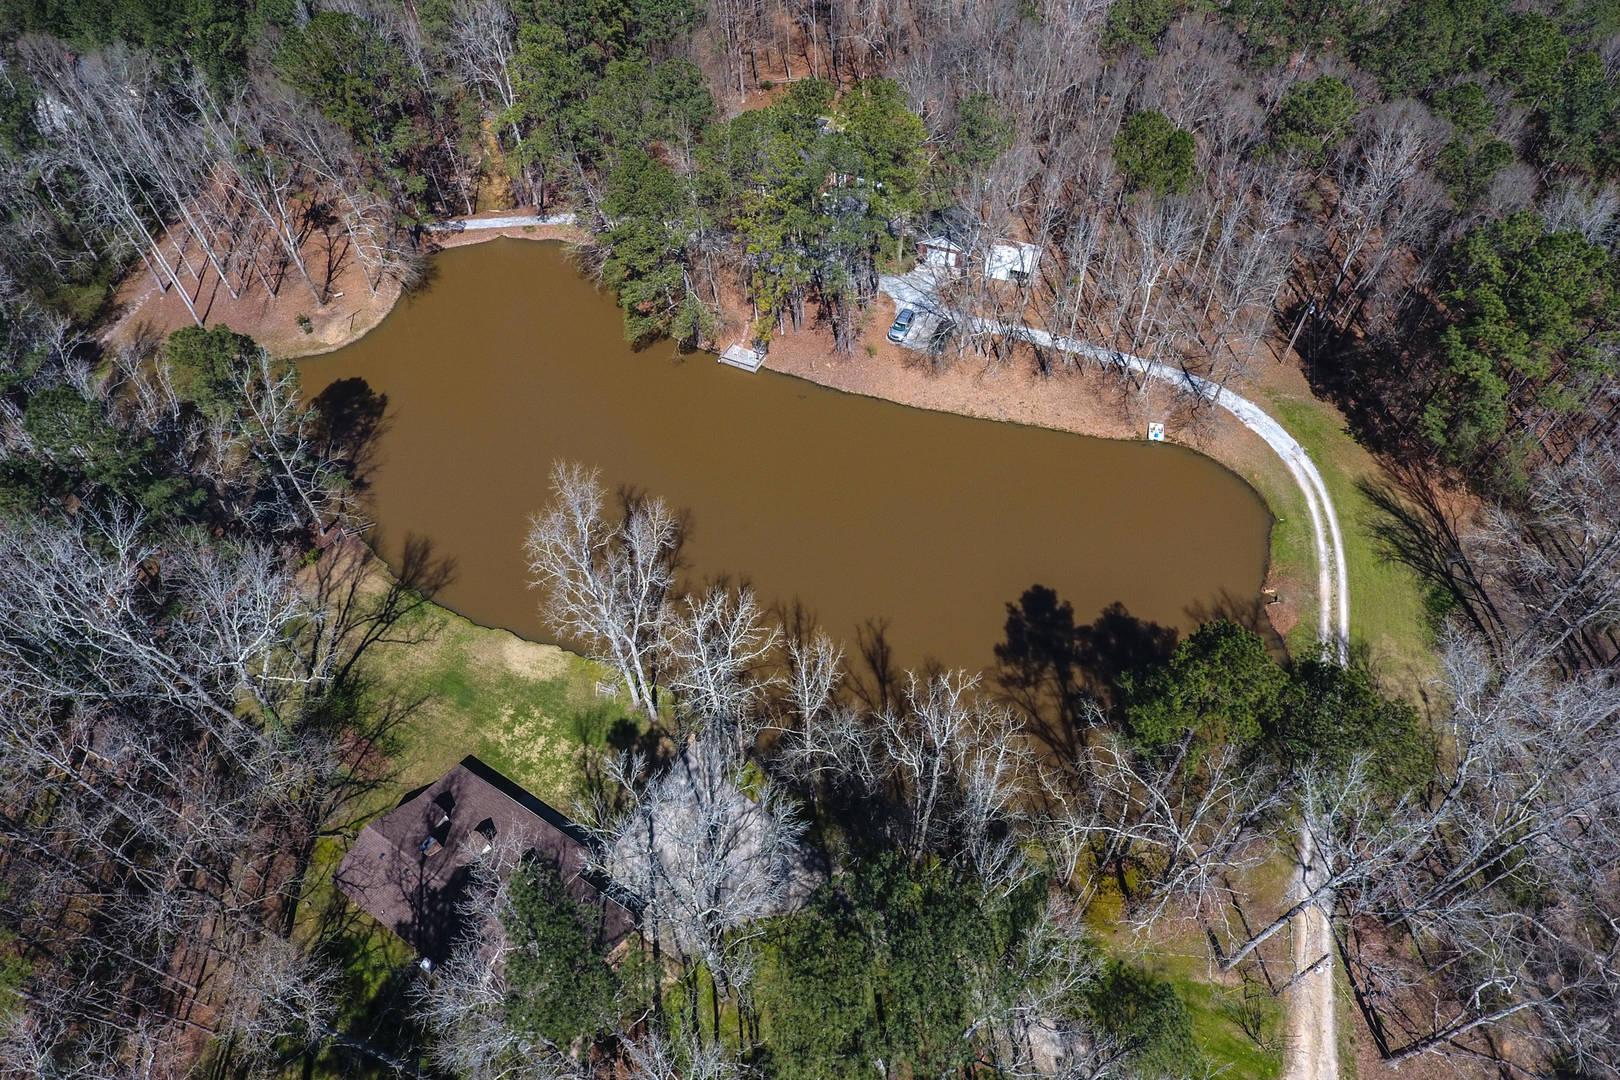 3130 Georgia Highway 20 W Hampton, GA 30228